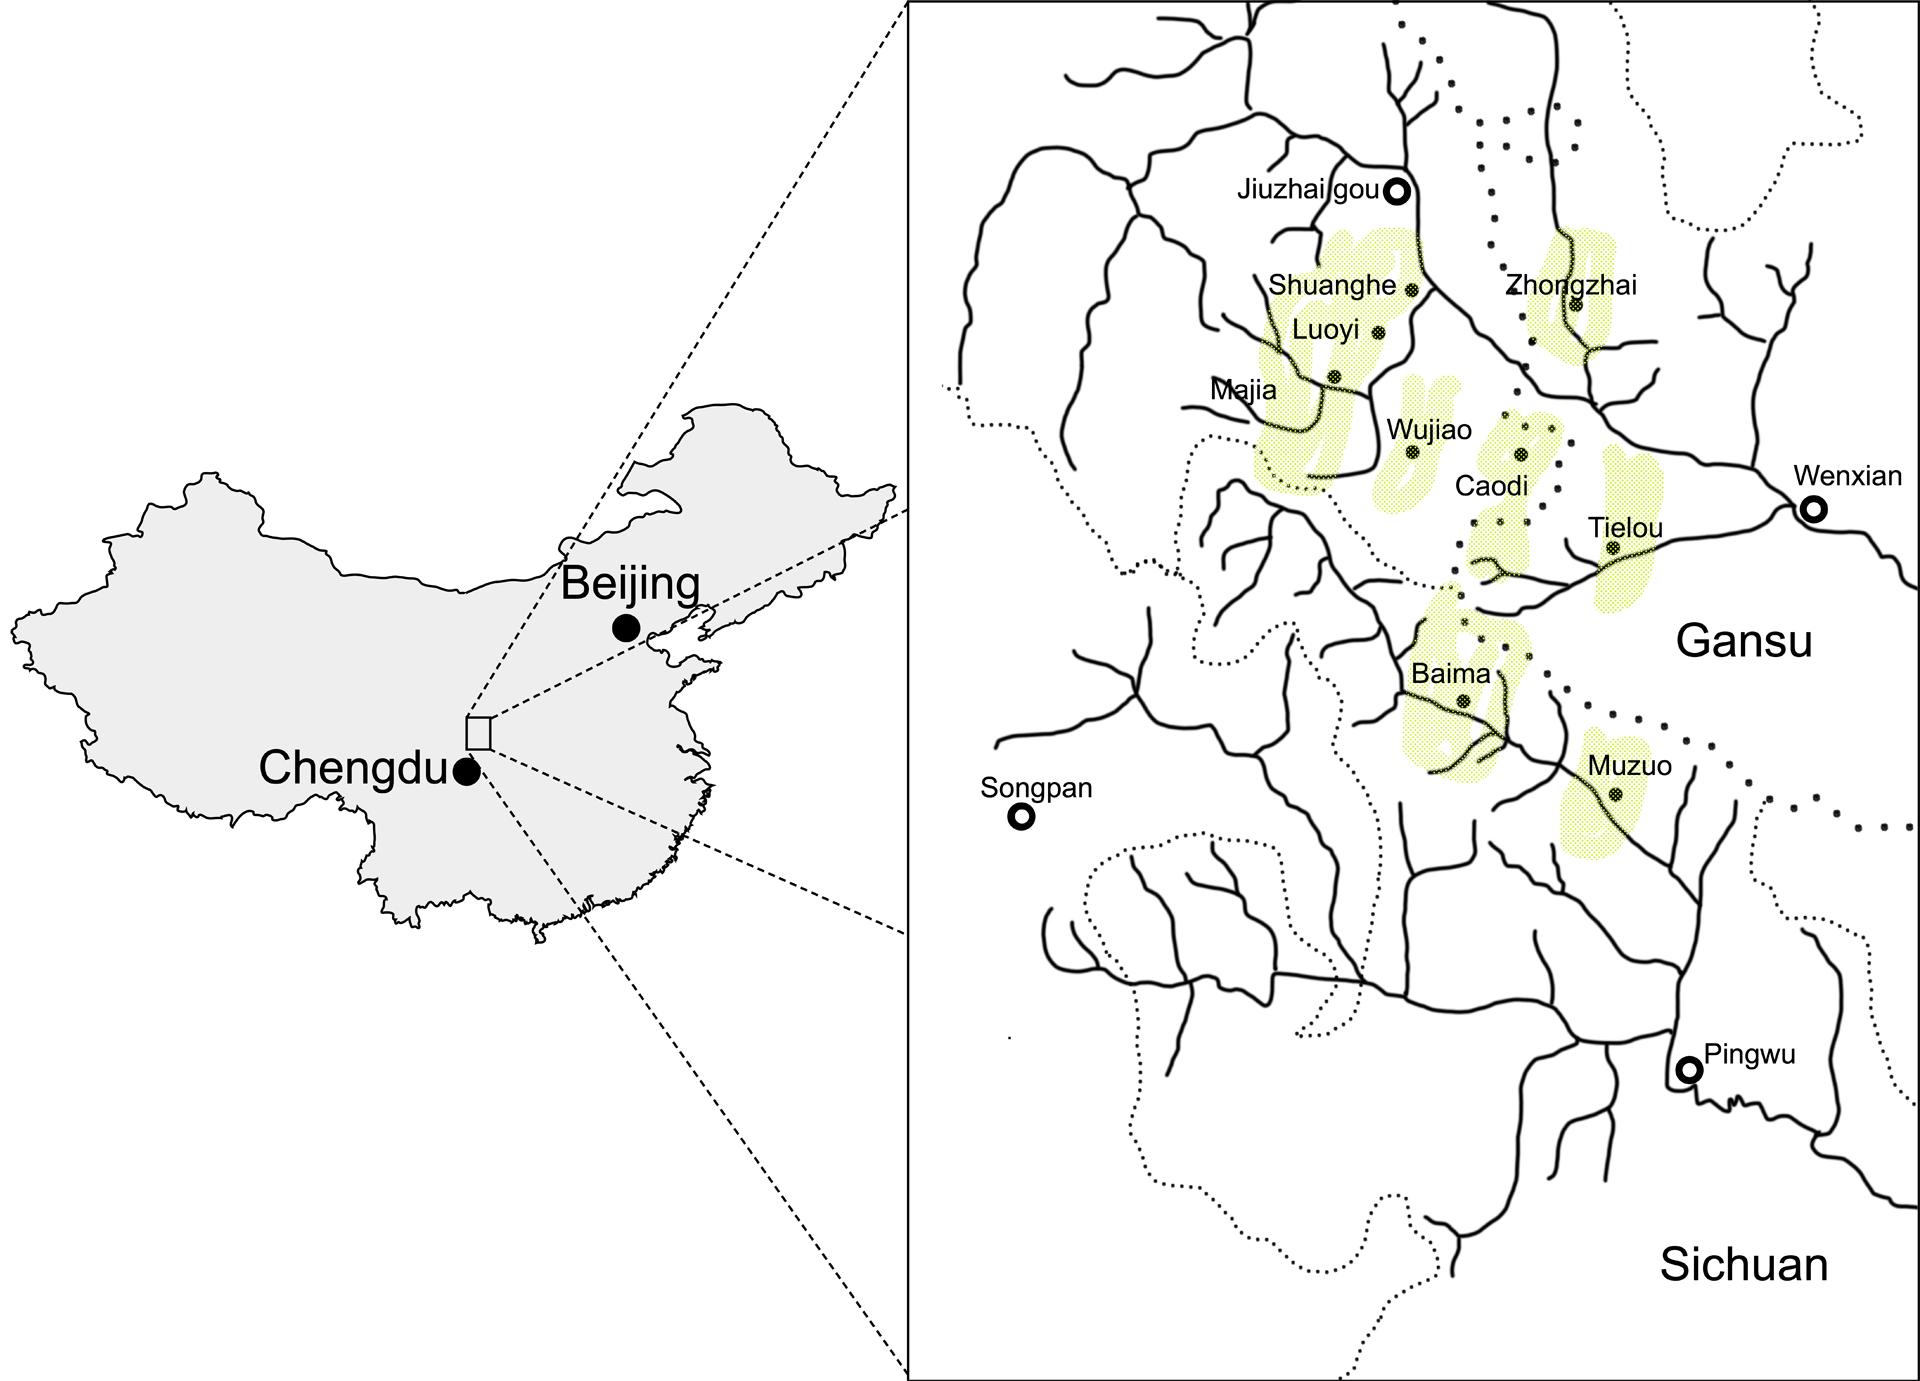 carte répartition langue baima